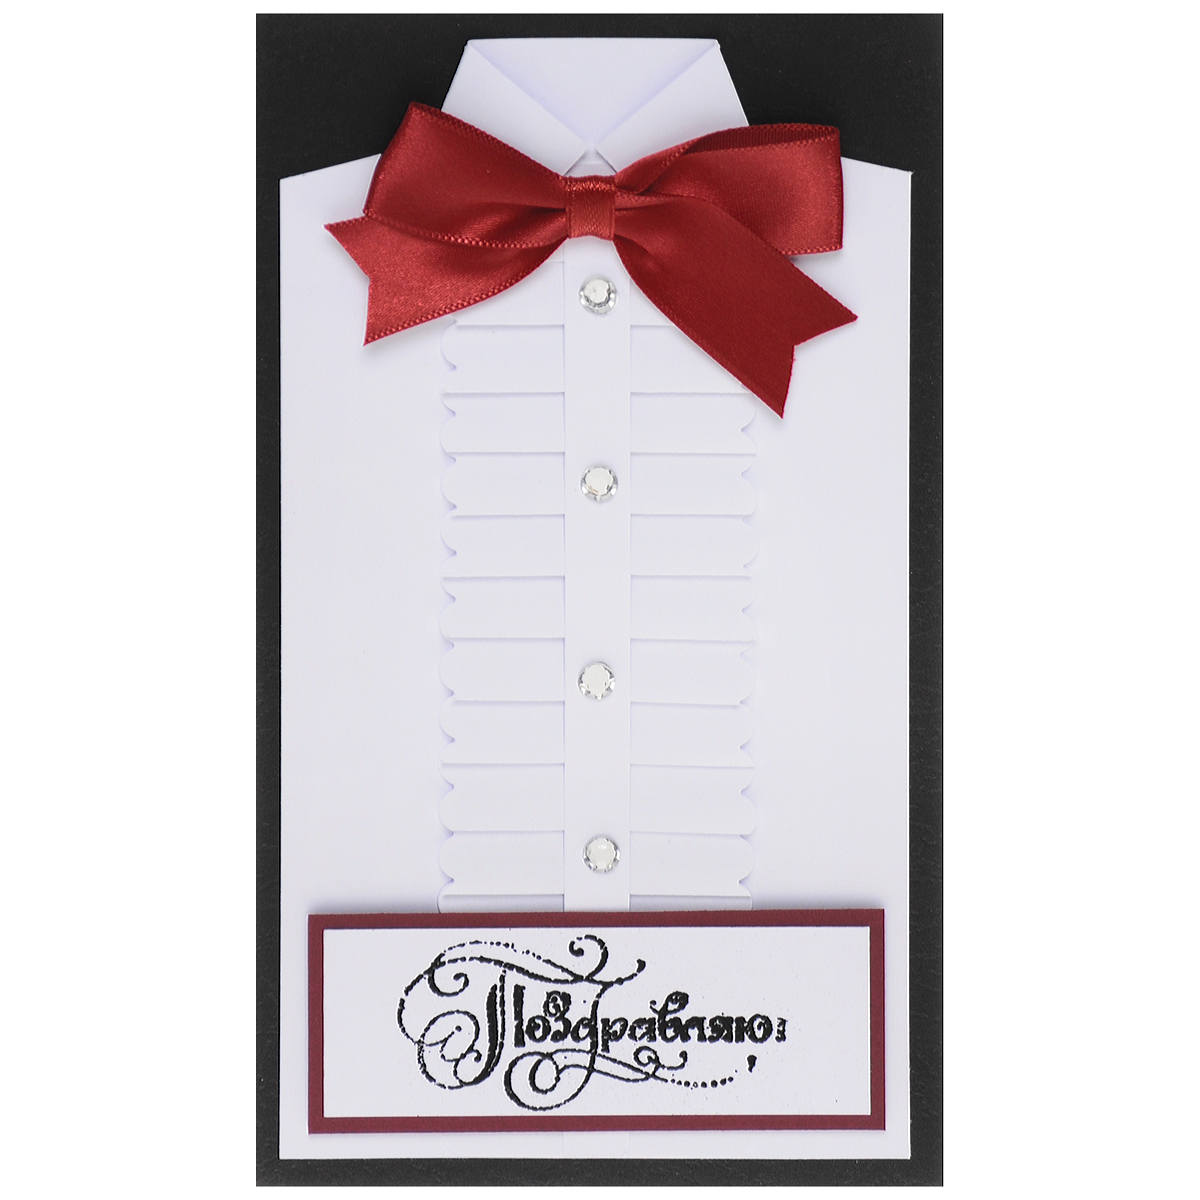 Открытка-конверт Поздравляю. Студия Тетя РозаОМ-0033Открытка выполнена из высокохудожественного картона, украшена яркой атласной лентой и аппликацией в виду жабо со стразами. Может стать как прекрасным дополнением к вашему подарку, так и самостоятельным подарком, так как открытка одновременно является и конвертом, в который вы можете вложить ваш денежный подарок или подарочный сертификат, или же просто написать ваши пожелания на вкладыше.Открытки ручной работы от студии Тетя Роза отличаются своим неповторимым и ярким стилем. Каждая уникальна и выполнена вручную мастерами студии. Открытка упакована в пакетик для сохранности. Обращаем ваше внимание на то, что открытка может незначительно отличаться от представленной на фото.